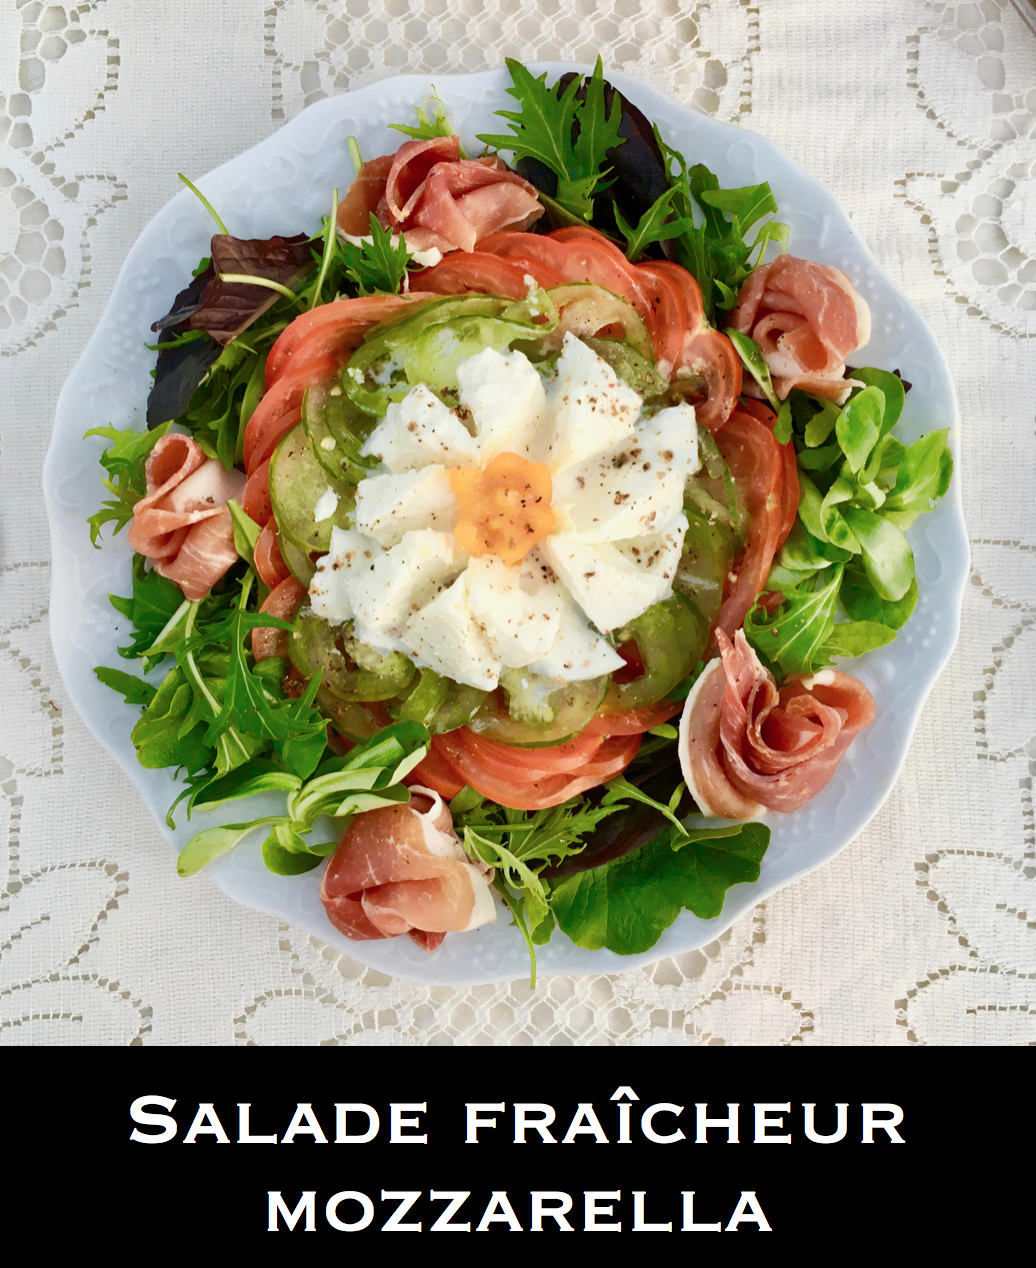 Salade fraîcheur mozzarella